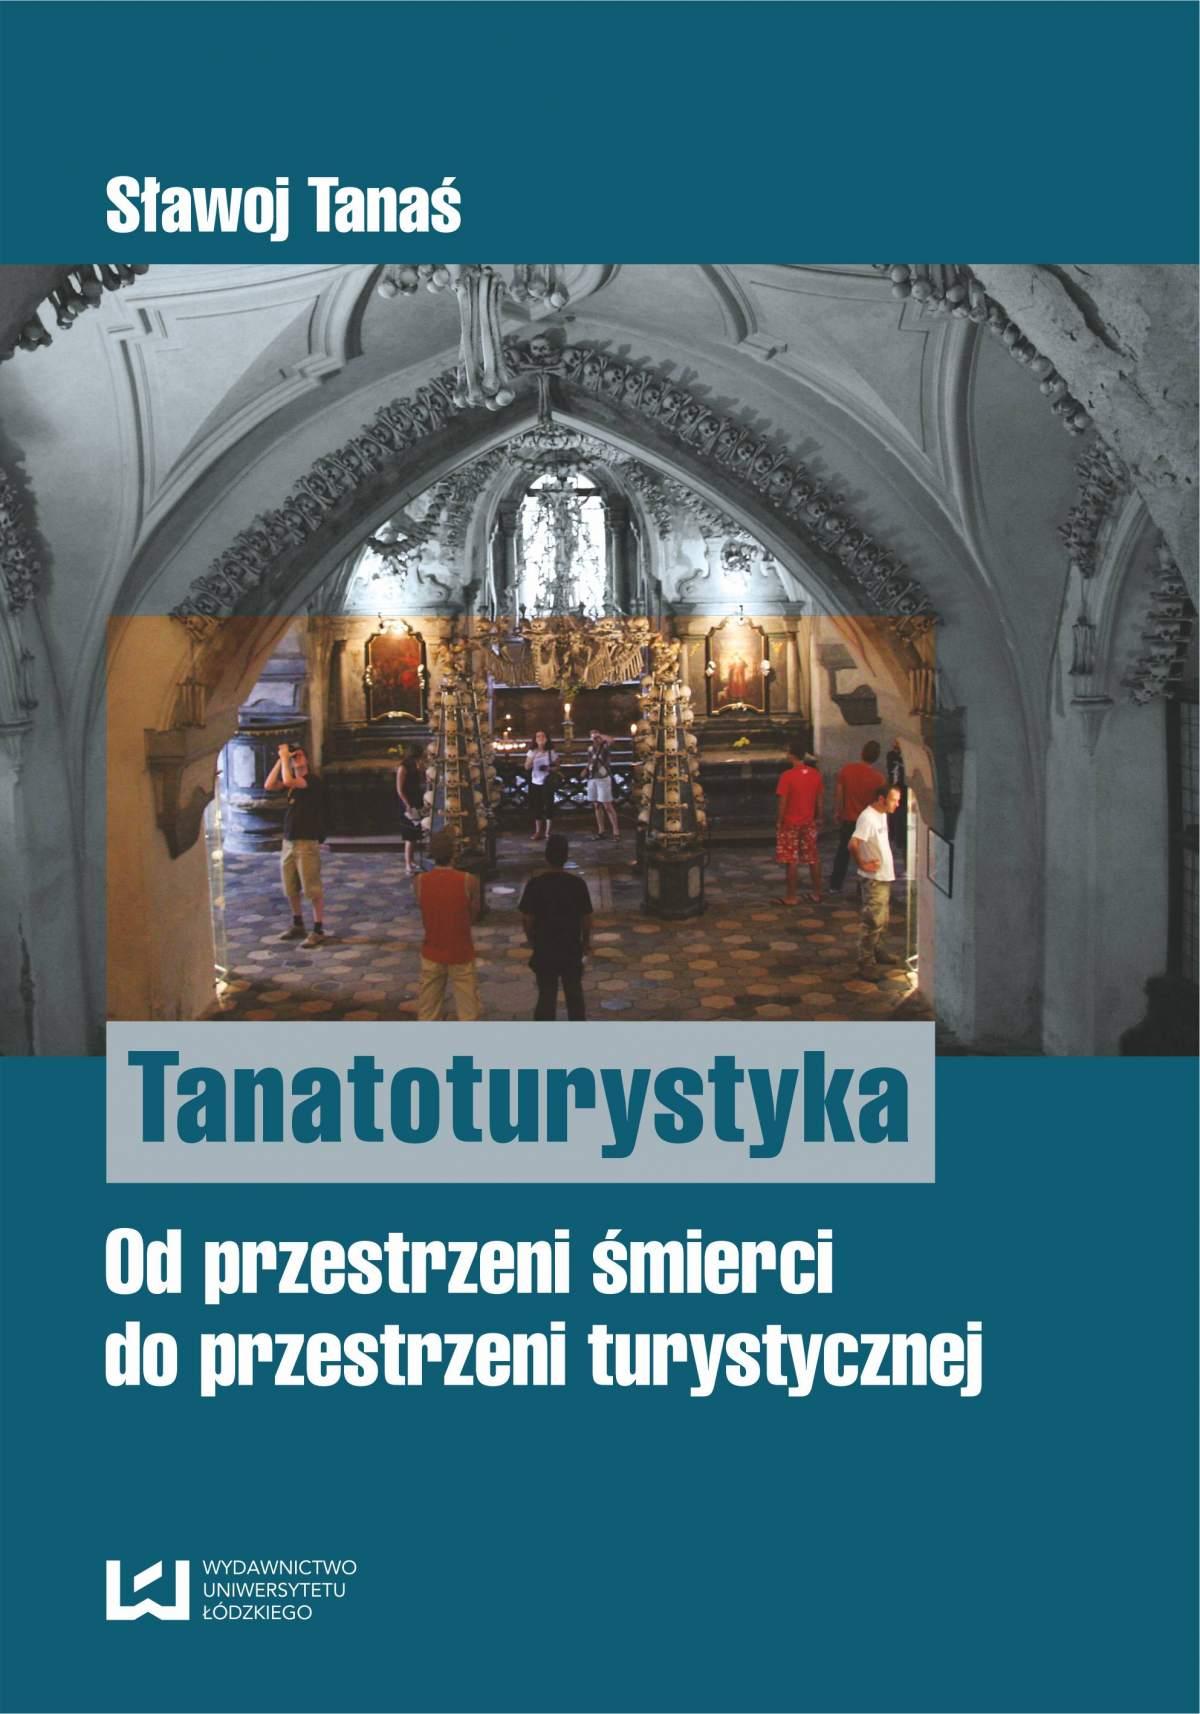 Tanatoturystyka. Od przestrzeni śmierci do przestrzeni turystycznej - Ebook (Książka PDF) do pobrania w formacie PDF